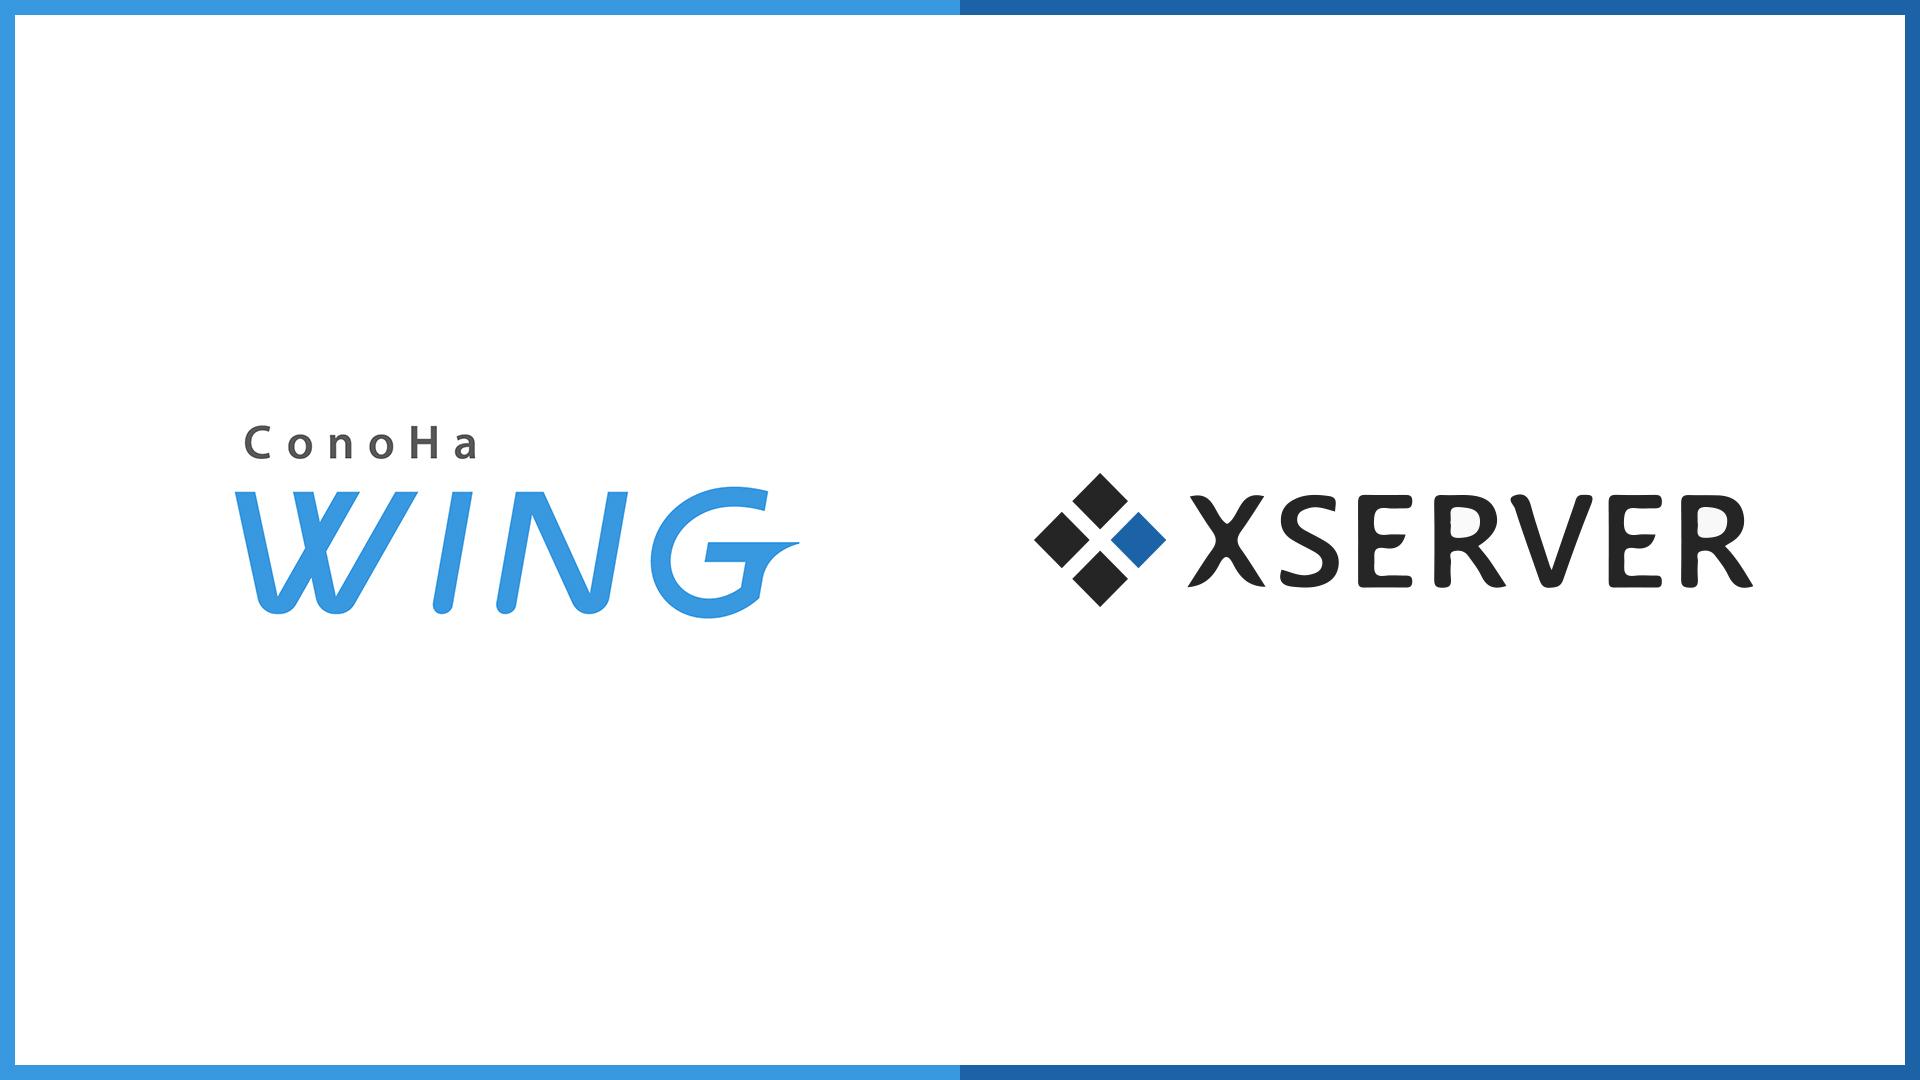 【レンタルサーバ】ConoHa WINGとXserverの比較